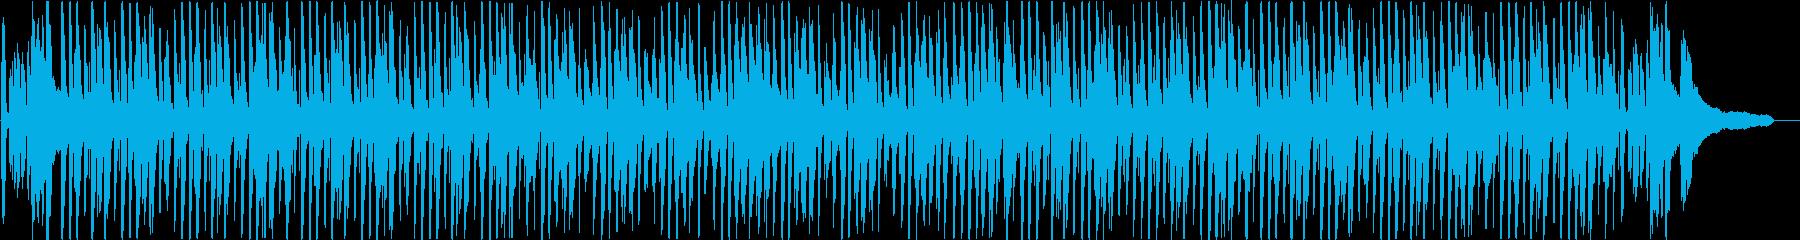 「ジングルベル」ライトジャズバージョンの再生済みの波形